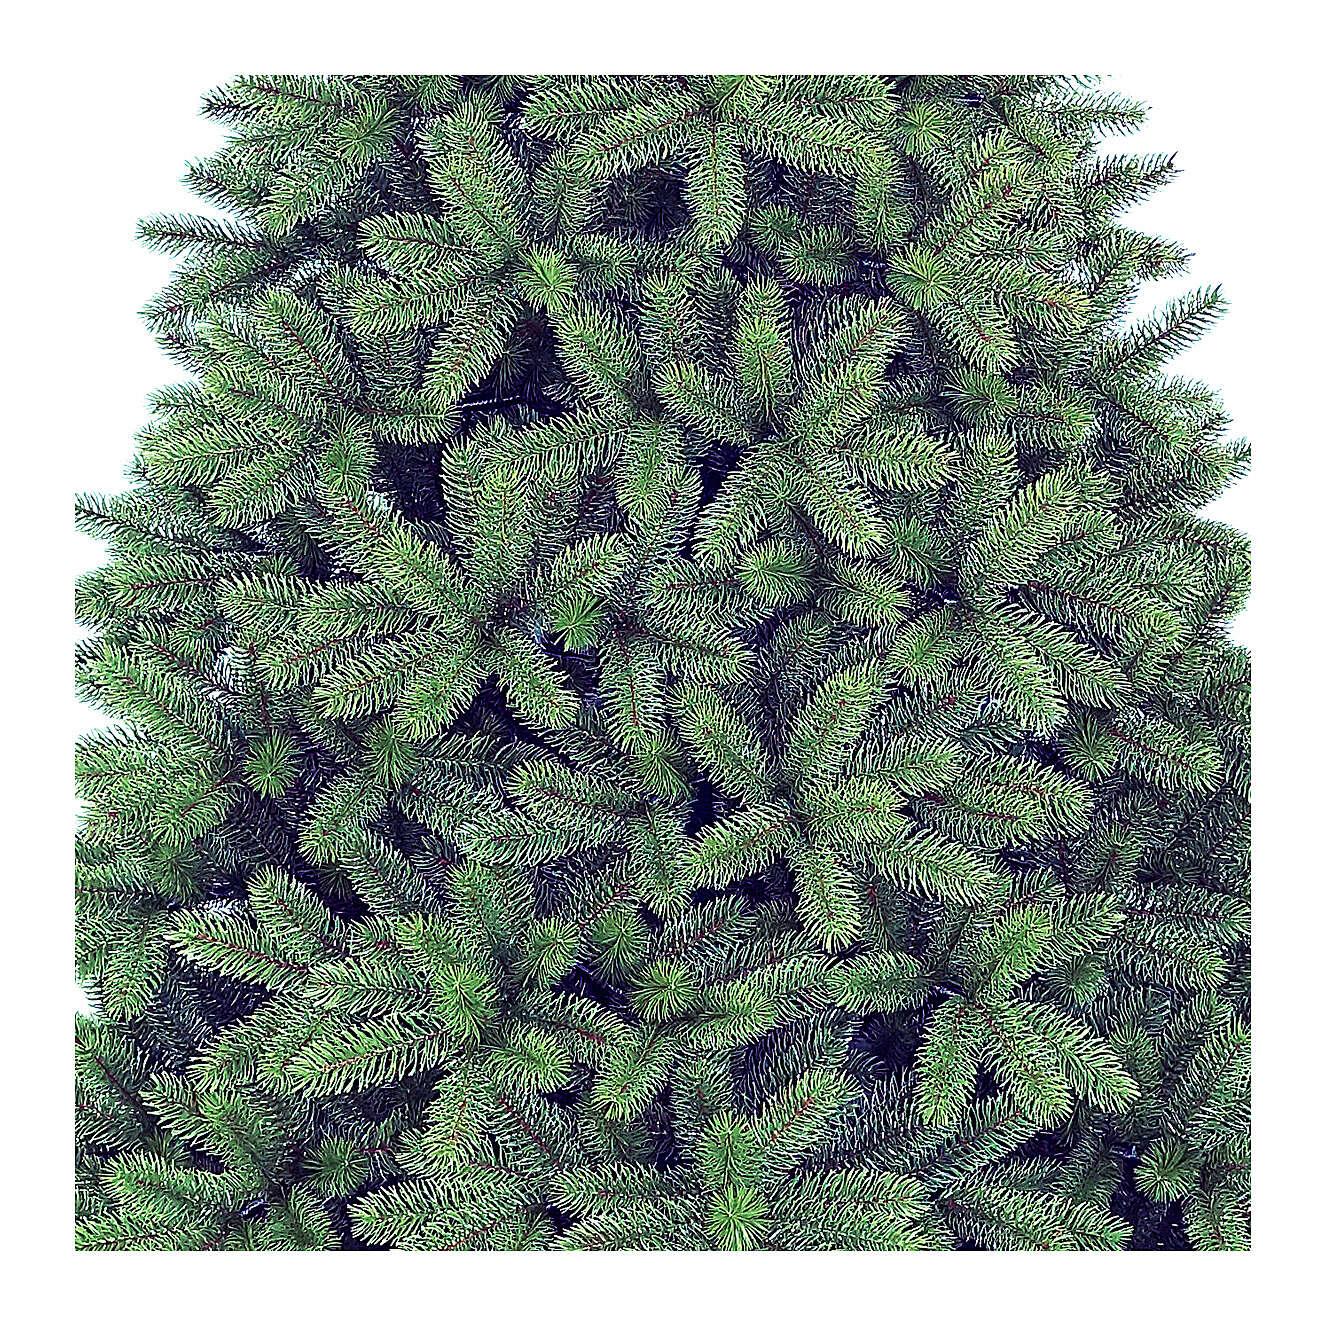 Weihnachtsbaum grün Fillar Winter Woodland, 180 cm 3